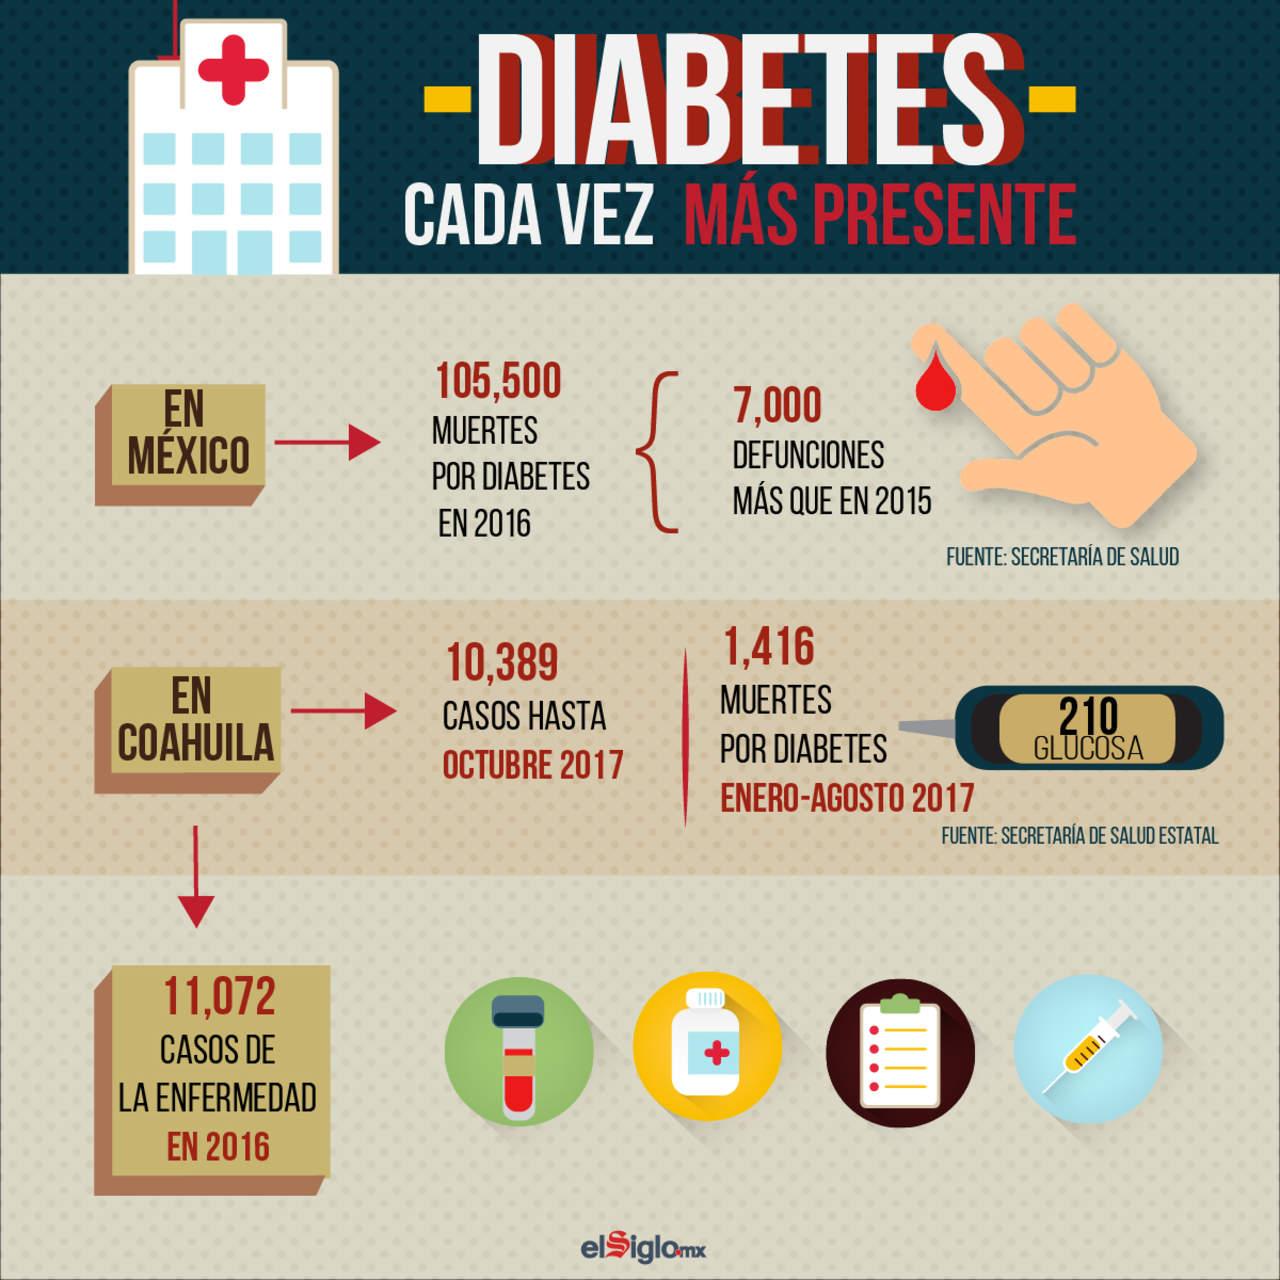 2007: El Día Mundial de la Diabetes se observa por primera vez de forma oficial